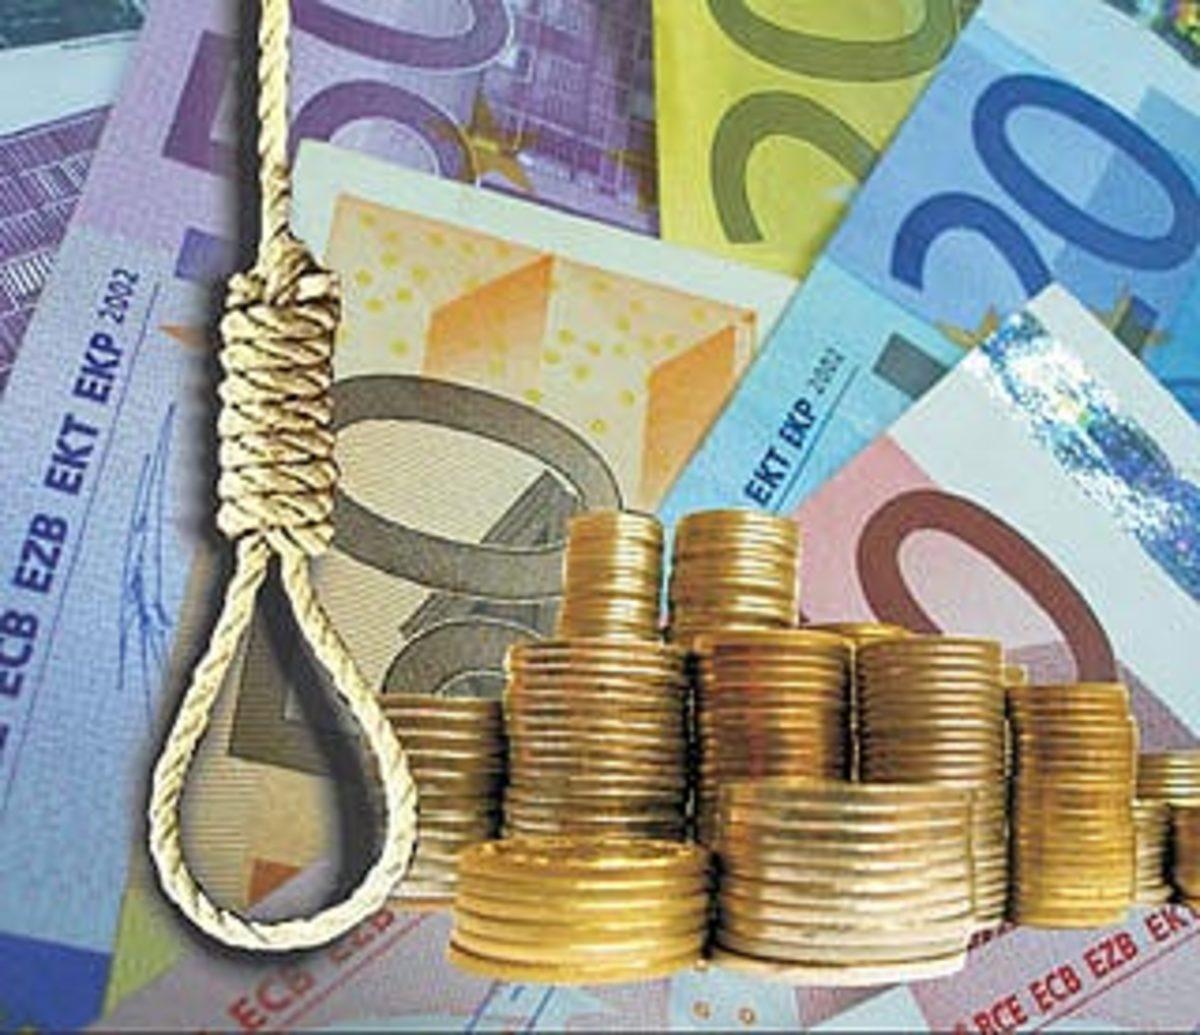 Κοζάνη: Αυτοκτόνησε λόγω χρεών την ώρα που κοιμόταν η γυναίκα και το μικρό του παιδί! | Newsit.gr